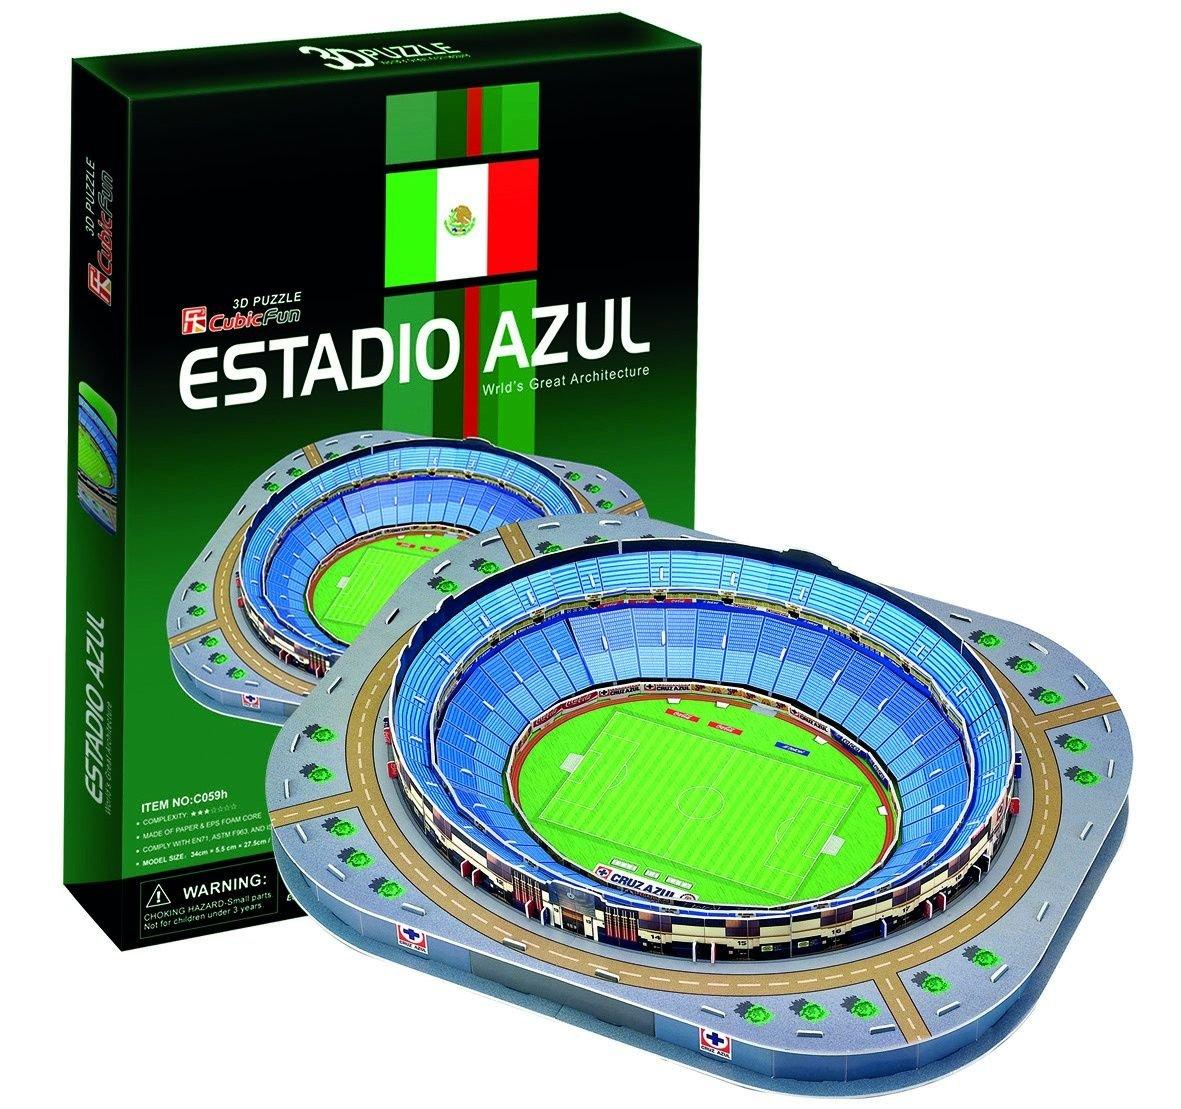 新着商品 キュービックファンAzul B001UCDPKY Stadium Stadium Mexico Mexico Cityメキシコ3dパズル B001UCDPKY, 本吉町:e0471143 --- quiltersinfo.yarnslave.com